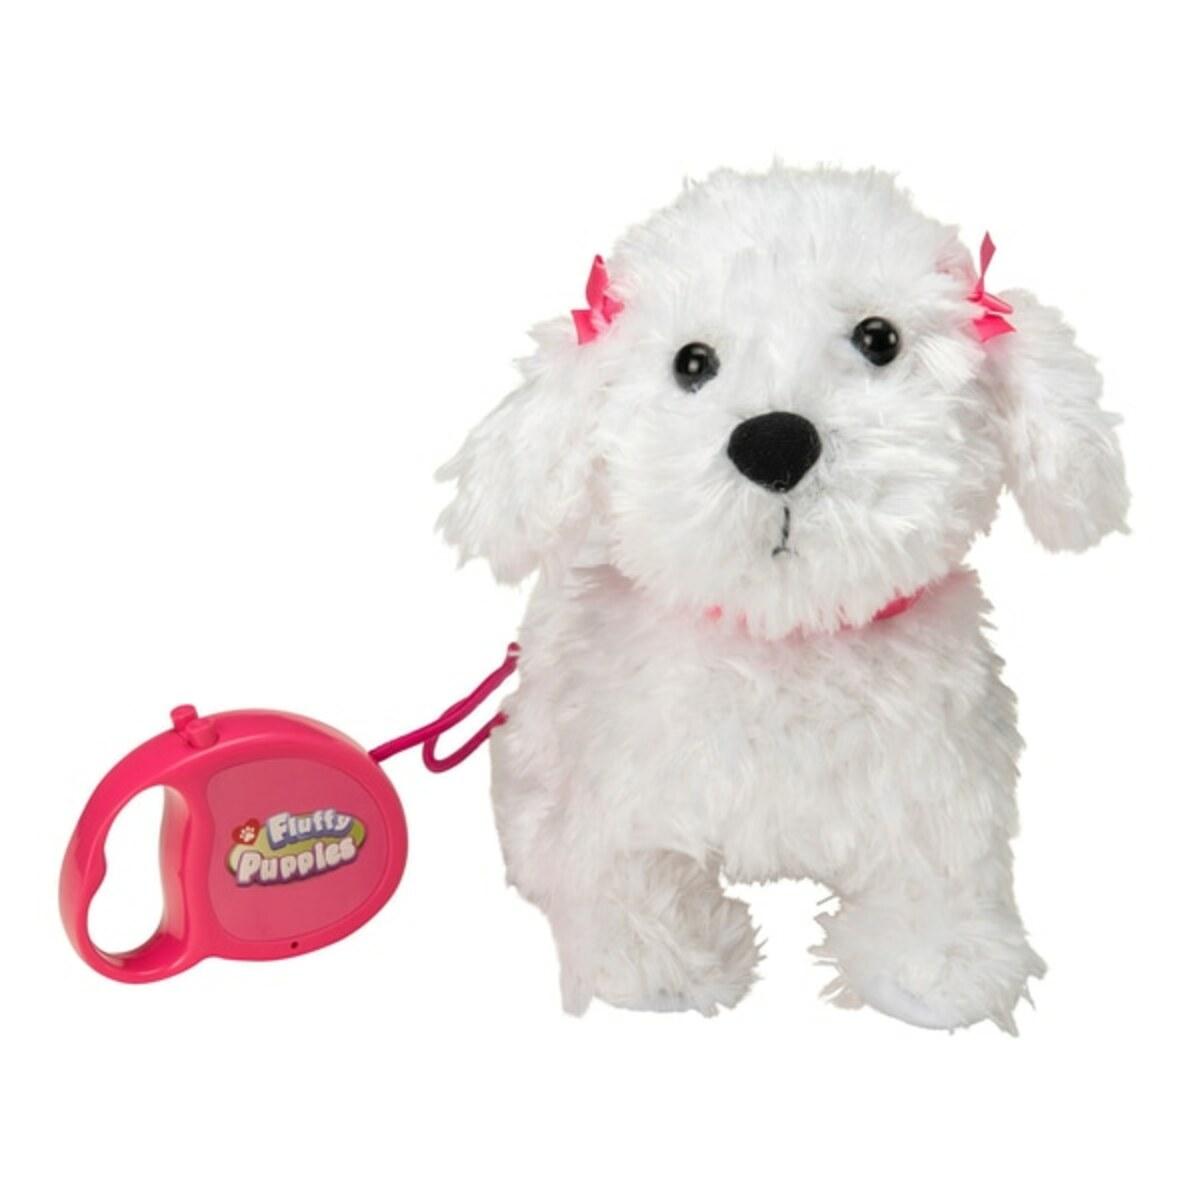 Bild 2 von Fluffy Puppies - Laufender Pudel